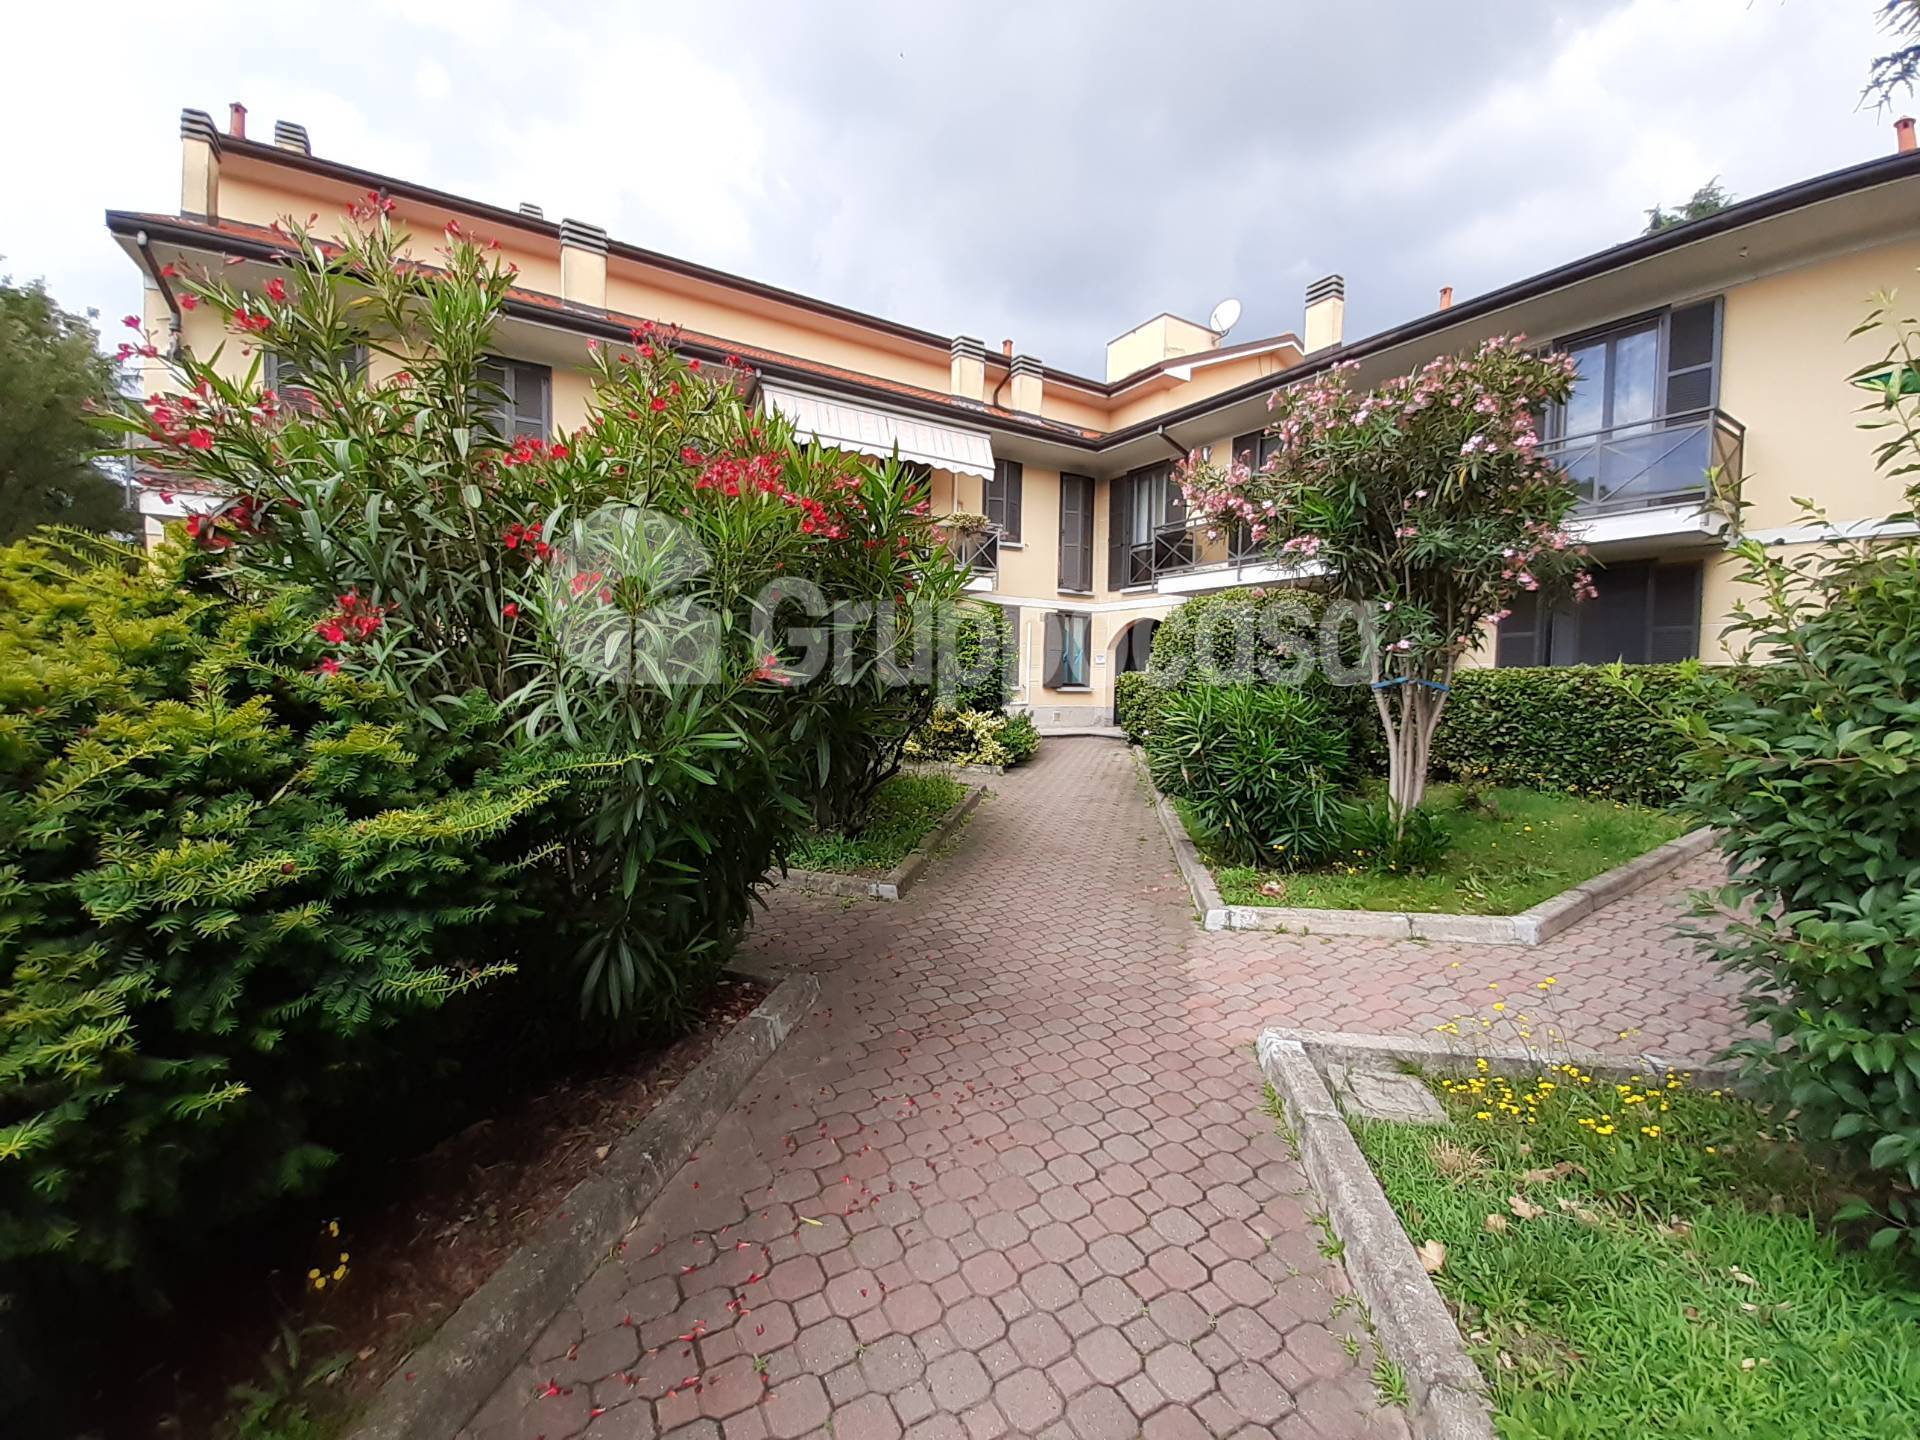 Appartamento in vendita a Santo Stefano Ticino, 1 locali, prezzo € 90.000   PortaleAgenzieImmobiliari.it